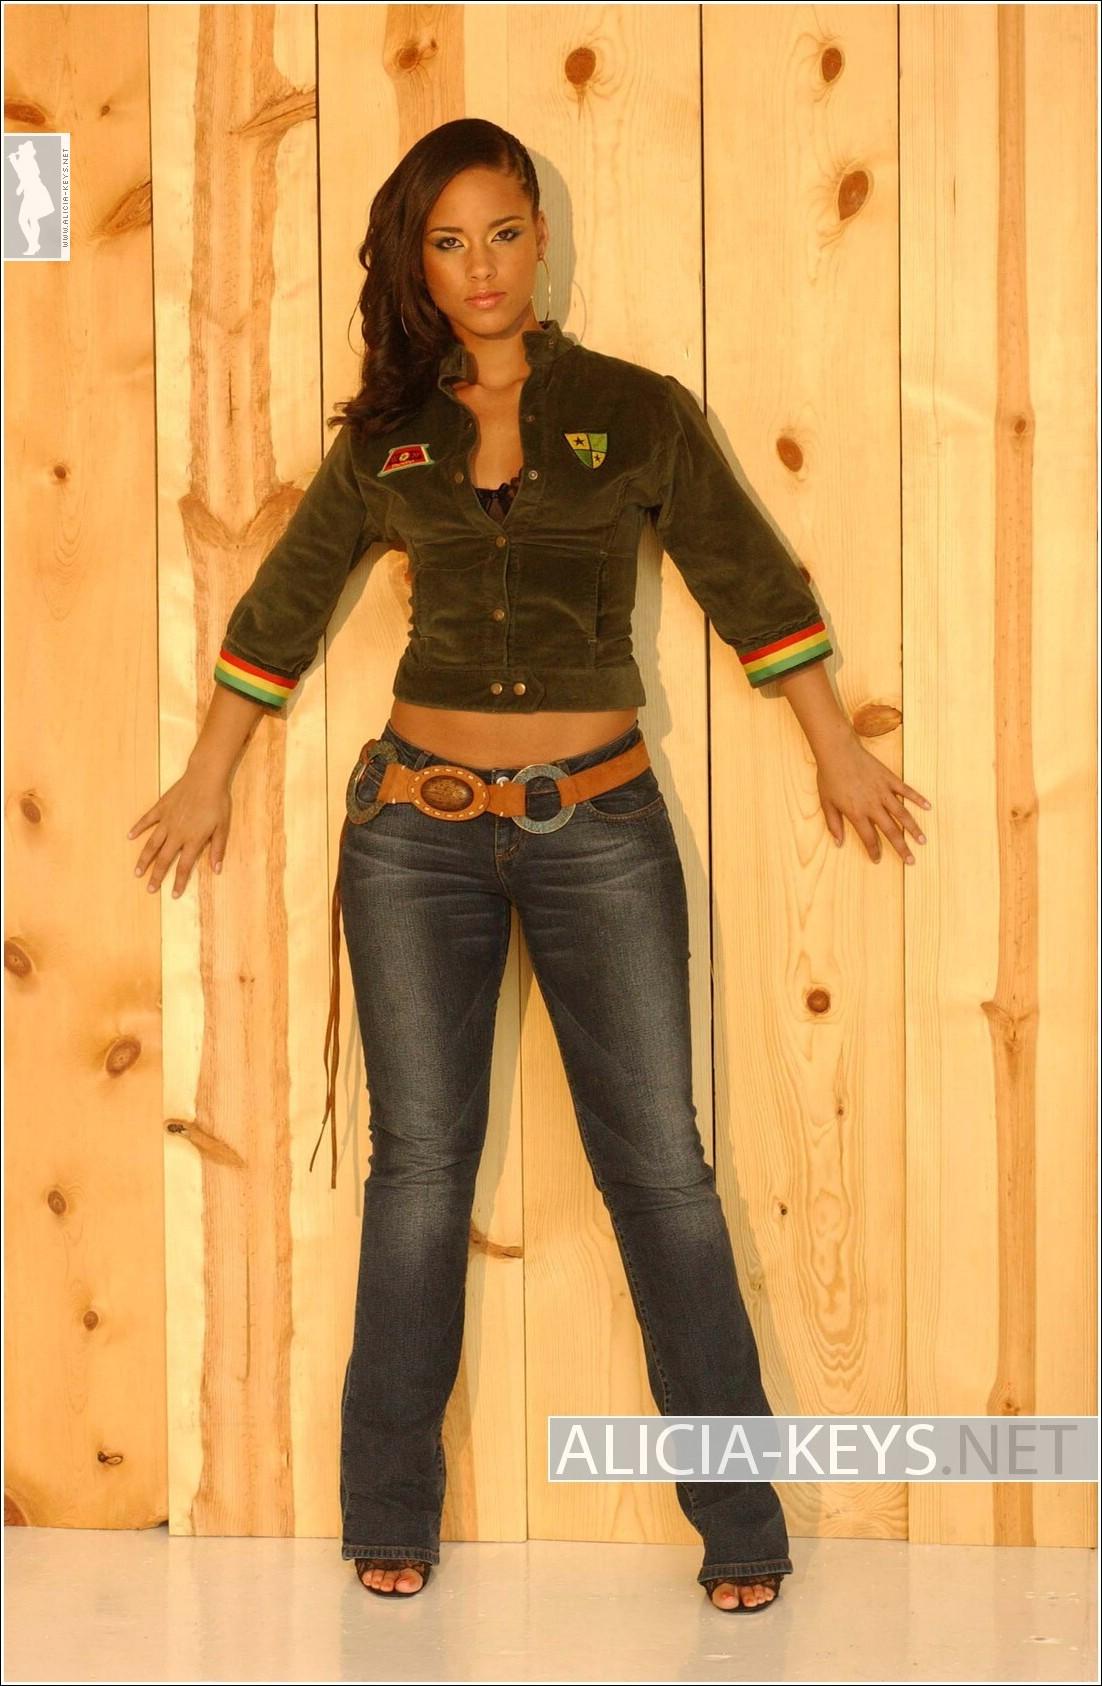 Digitalminx.com - Actr... Alicia Keys